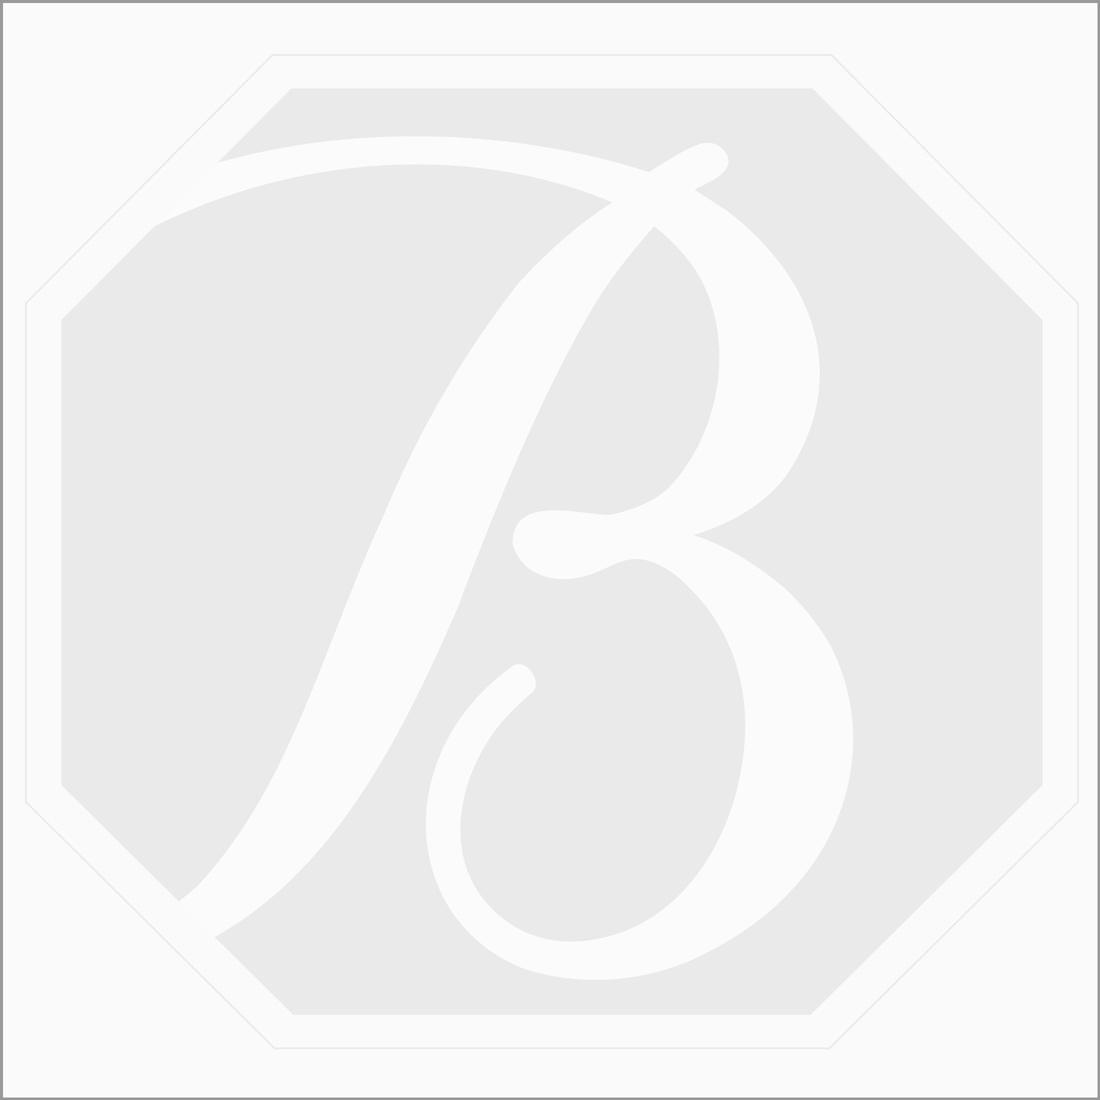 Multi Sapphire Briolettes - 1 Line - 159.50 carats - 16.5 inches - (MSDF1007)